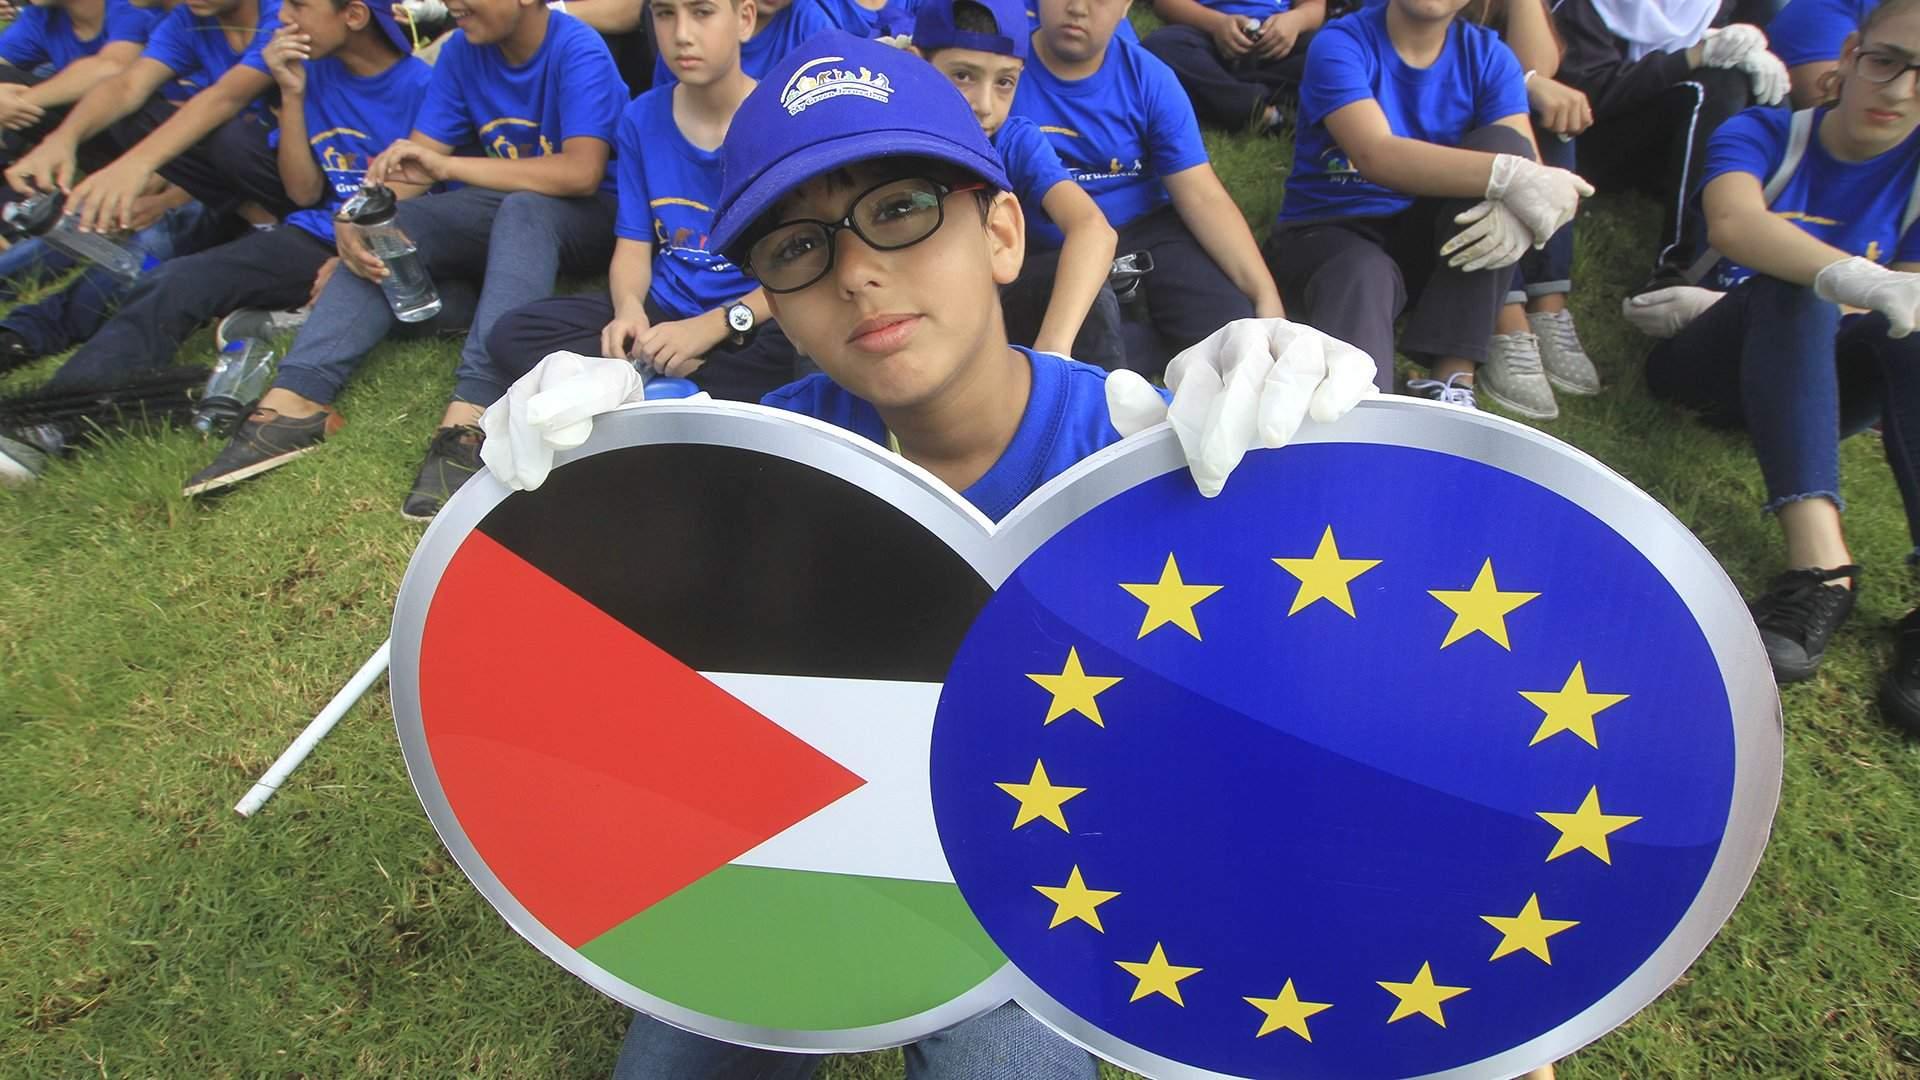 ЕС ли бы: Евросоюз намерен пересмотреть статус Палестины | Статьи ...